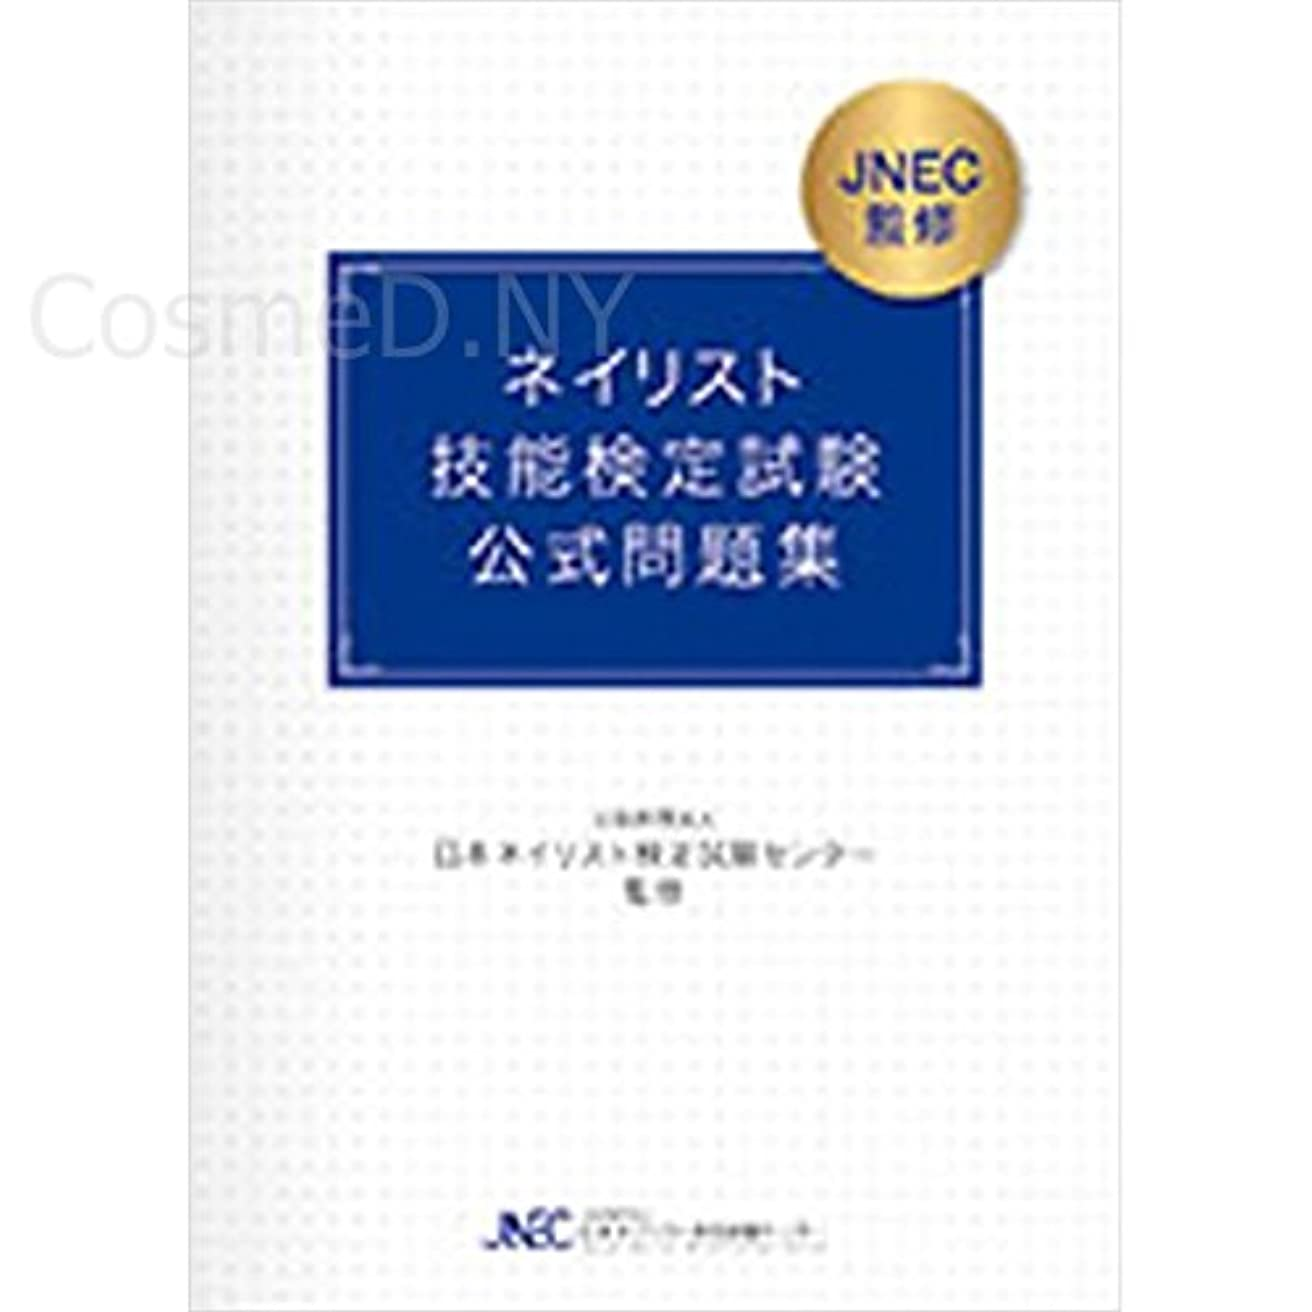 形成ケーブル非公式書籍ネイリスト技能検定試験 公式問題集【BOOK、ネイリスト検定試験、ネイル検定に】